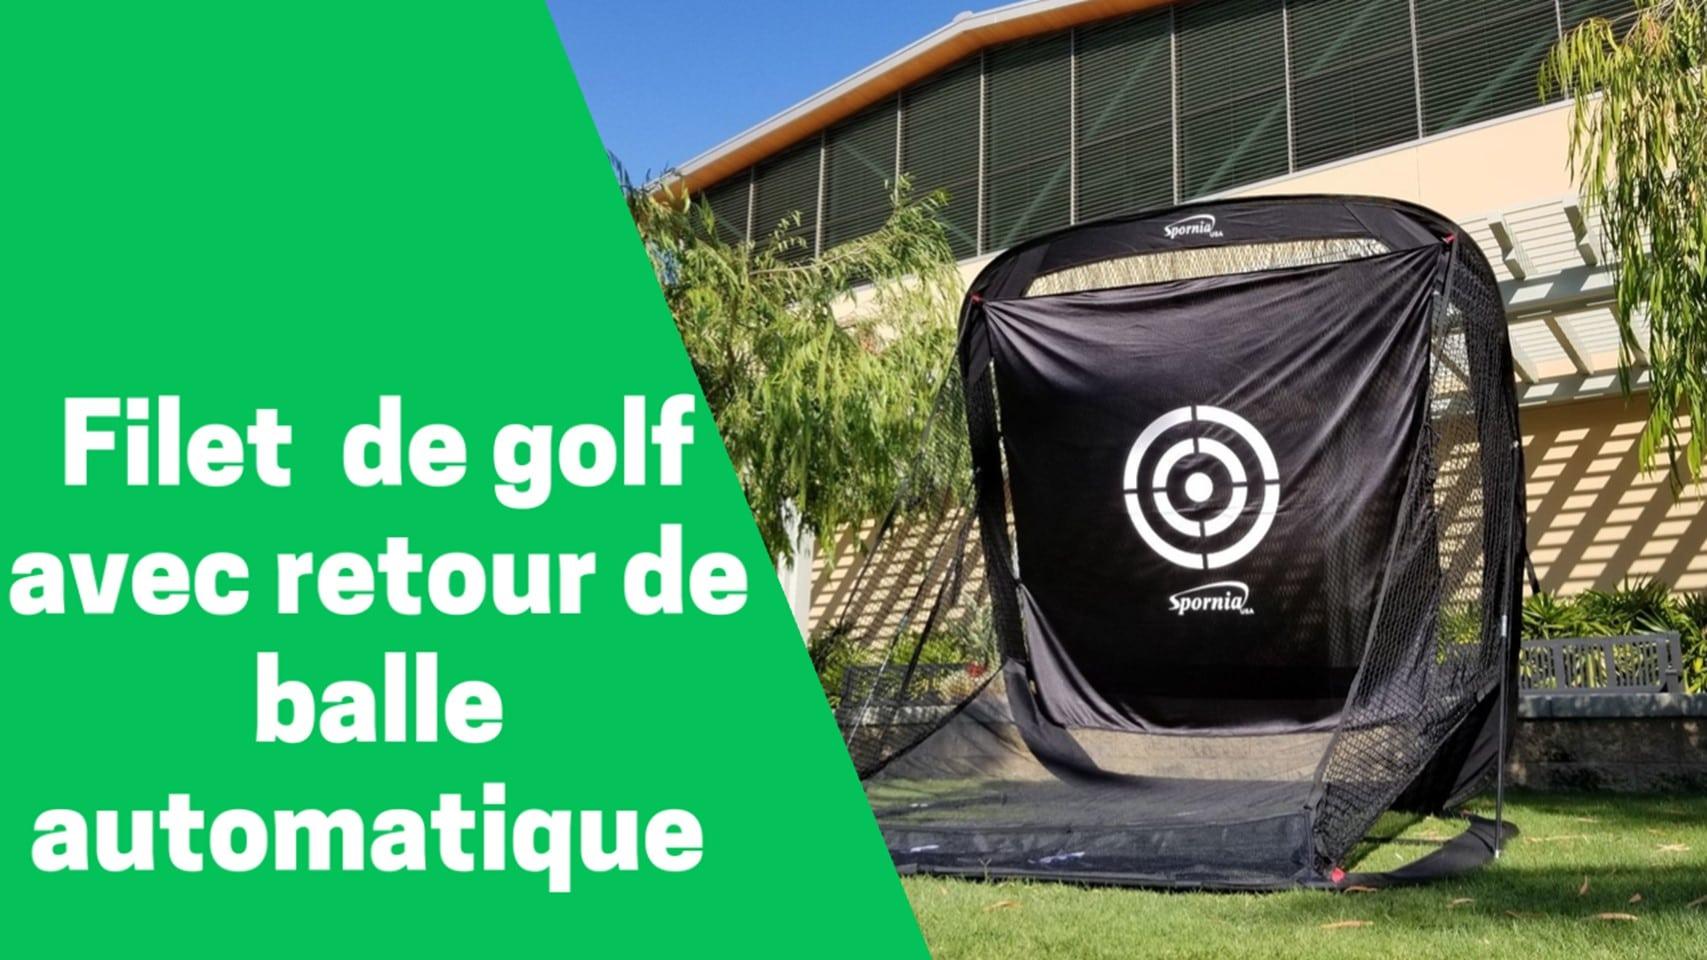 Meilleur filet de golf avec retour de balle automatique comparatif avis test guide achat